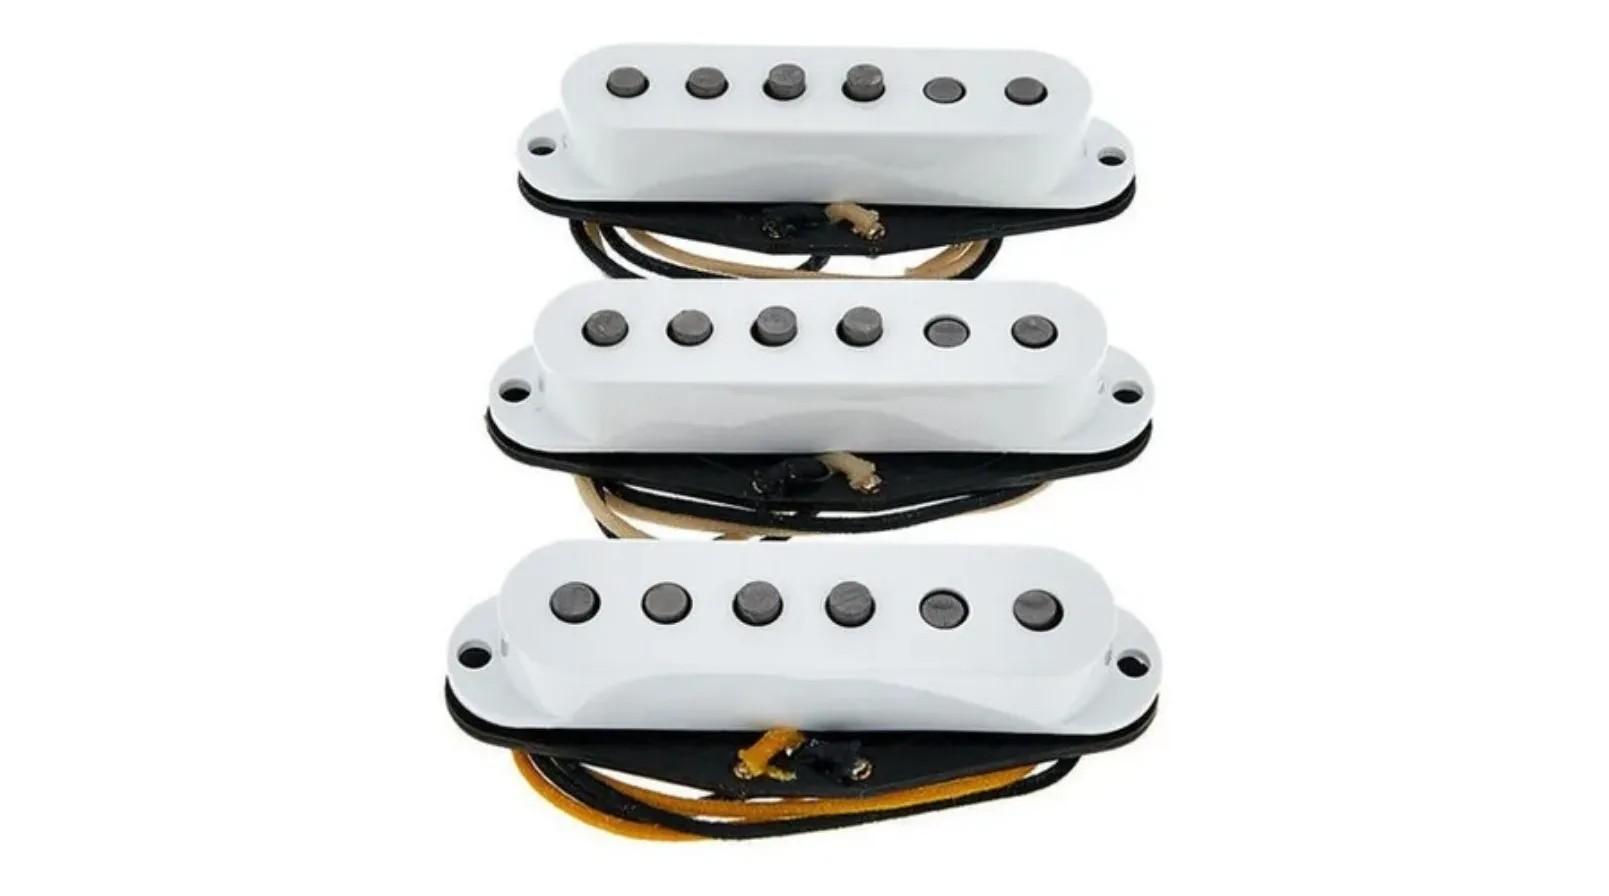 Captador Fender para Guitarra Texas Special Captadores  - MegaLojaSP